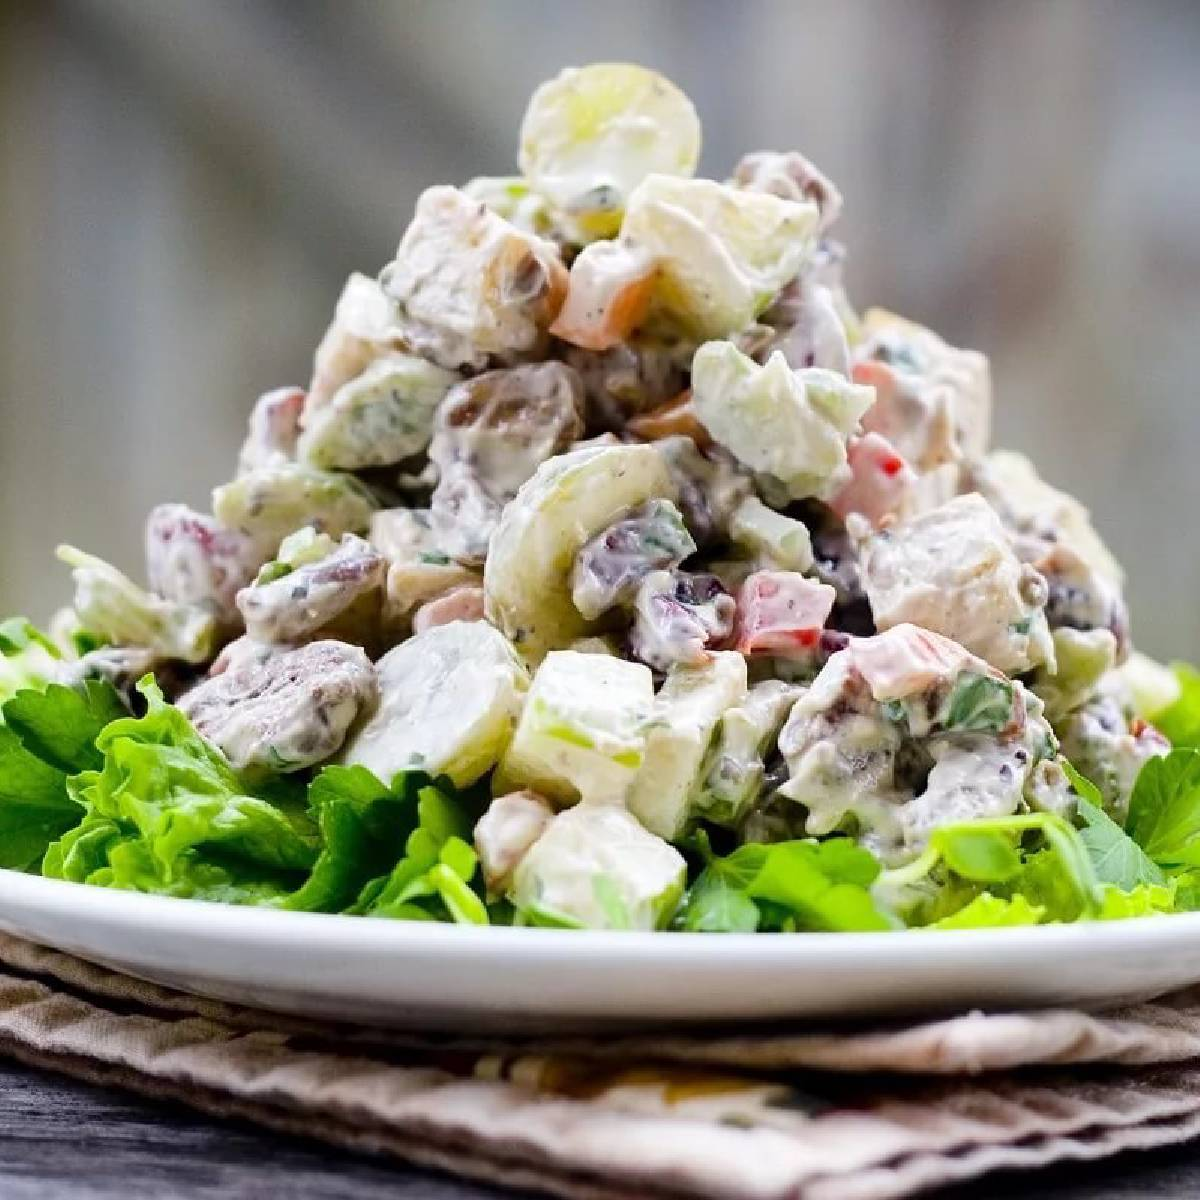 Салат немецкий – удивительное национальное блюдо: рецепт с фото и видео